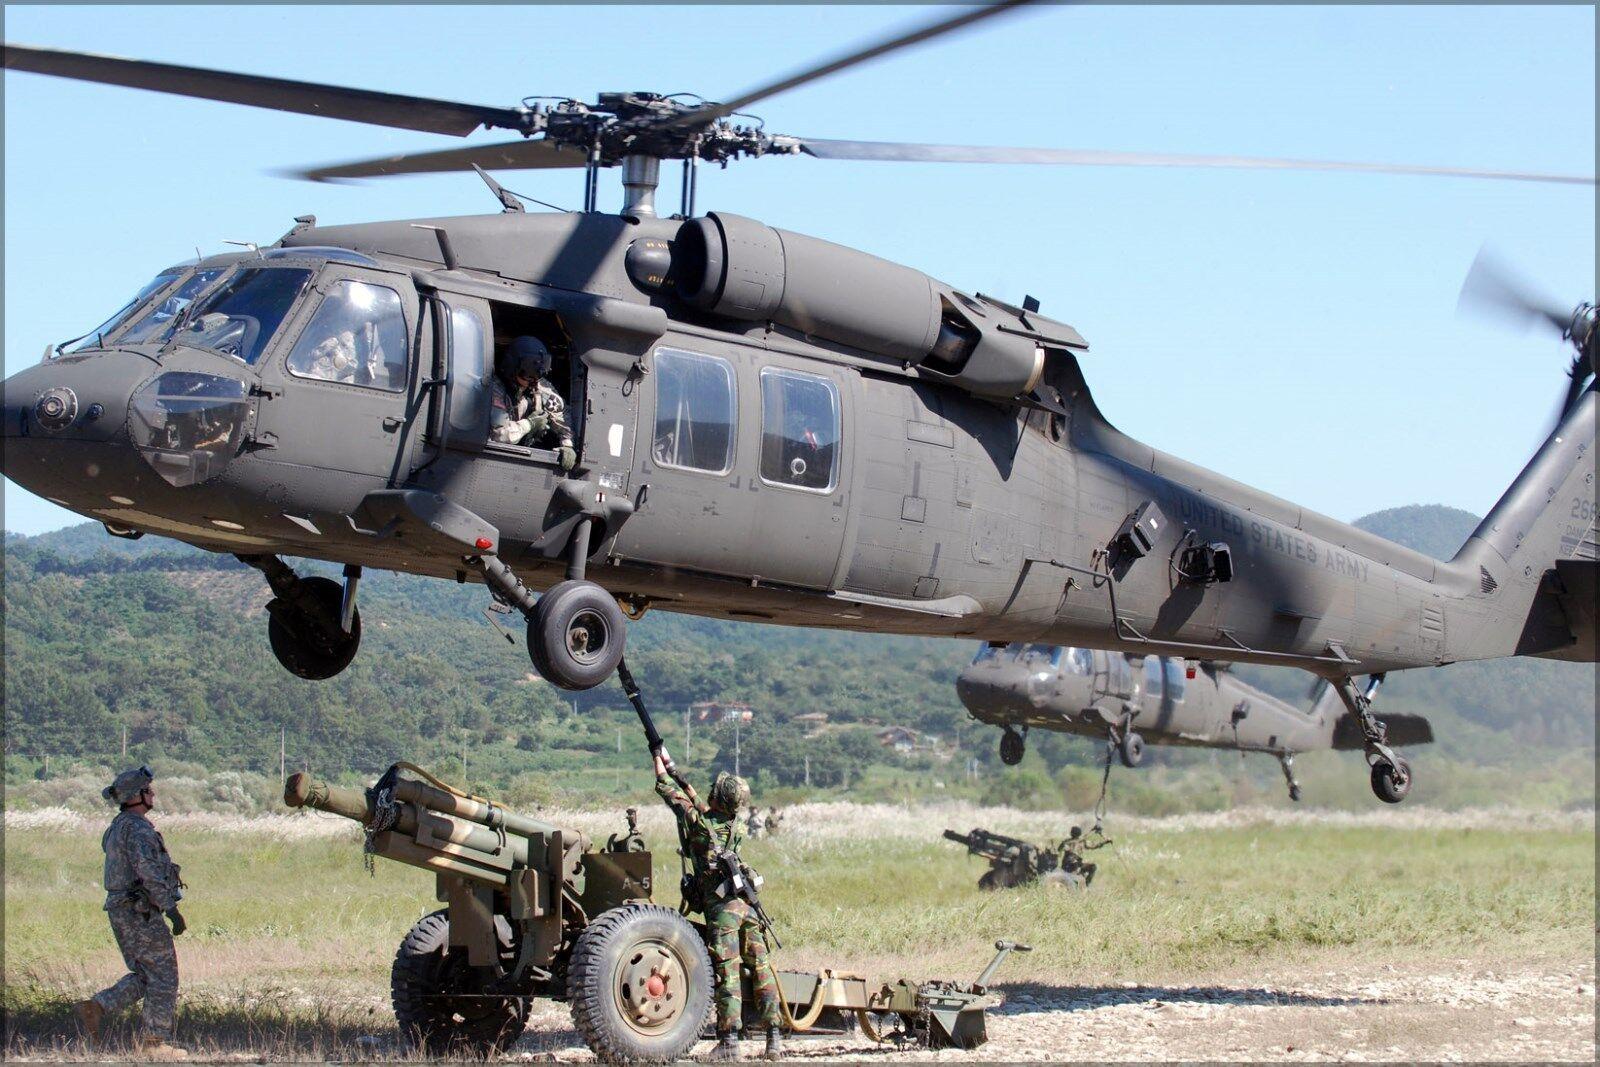 Plakat, Viele Größen; Rok 105 mm Howitzer Beladung bis zu Uh-60 Hawk Angriff Hel